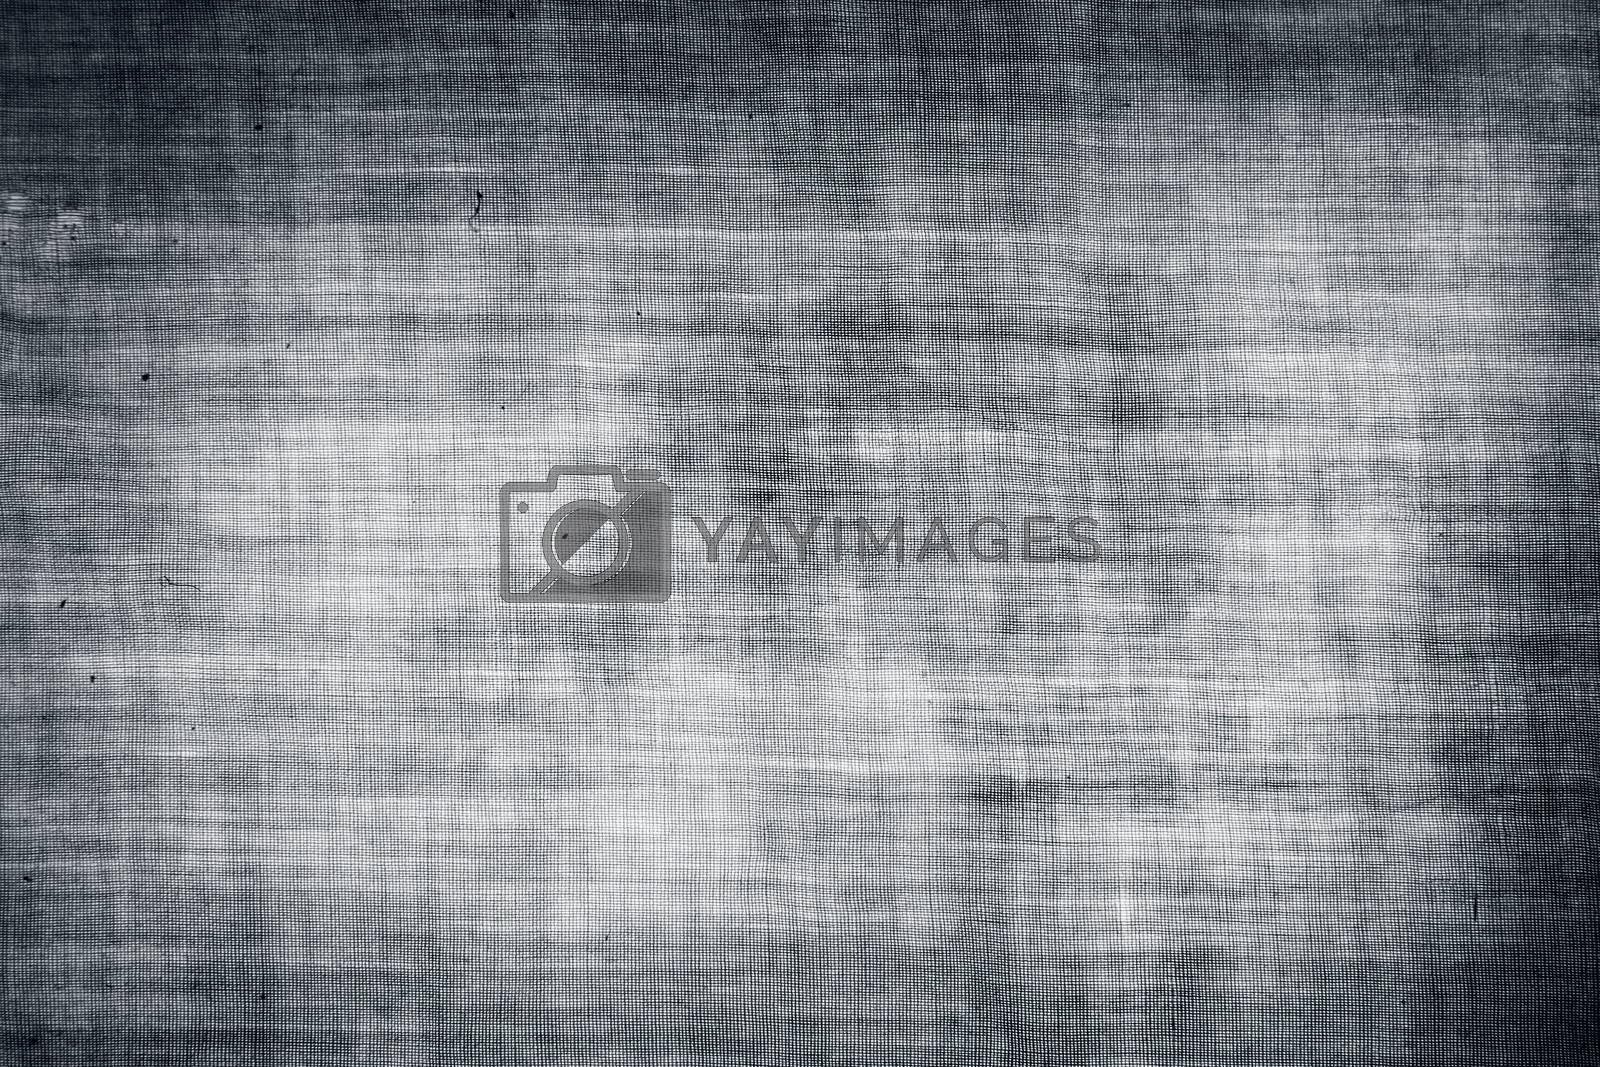 Closeup of grey texture